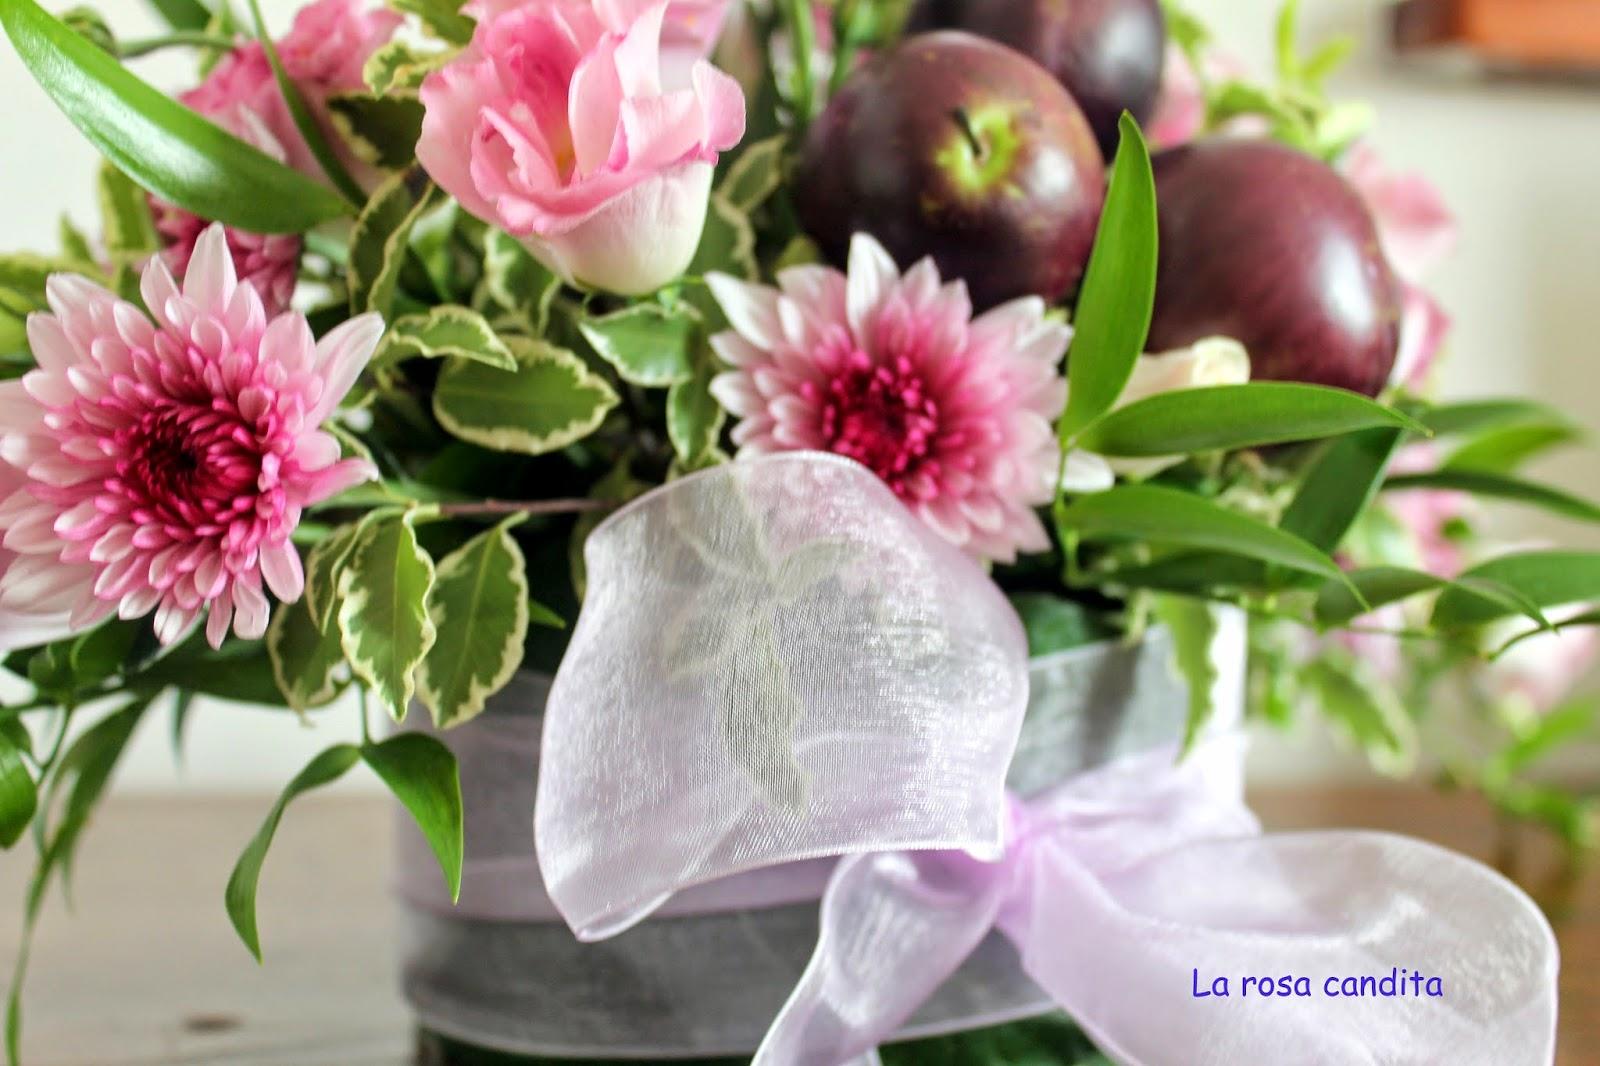 Preferenza La rosa candita: Il compleanno di Benedetta KW37